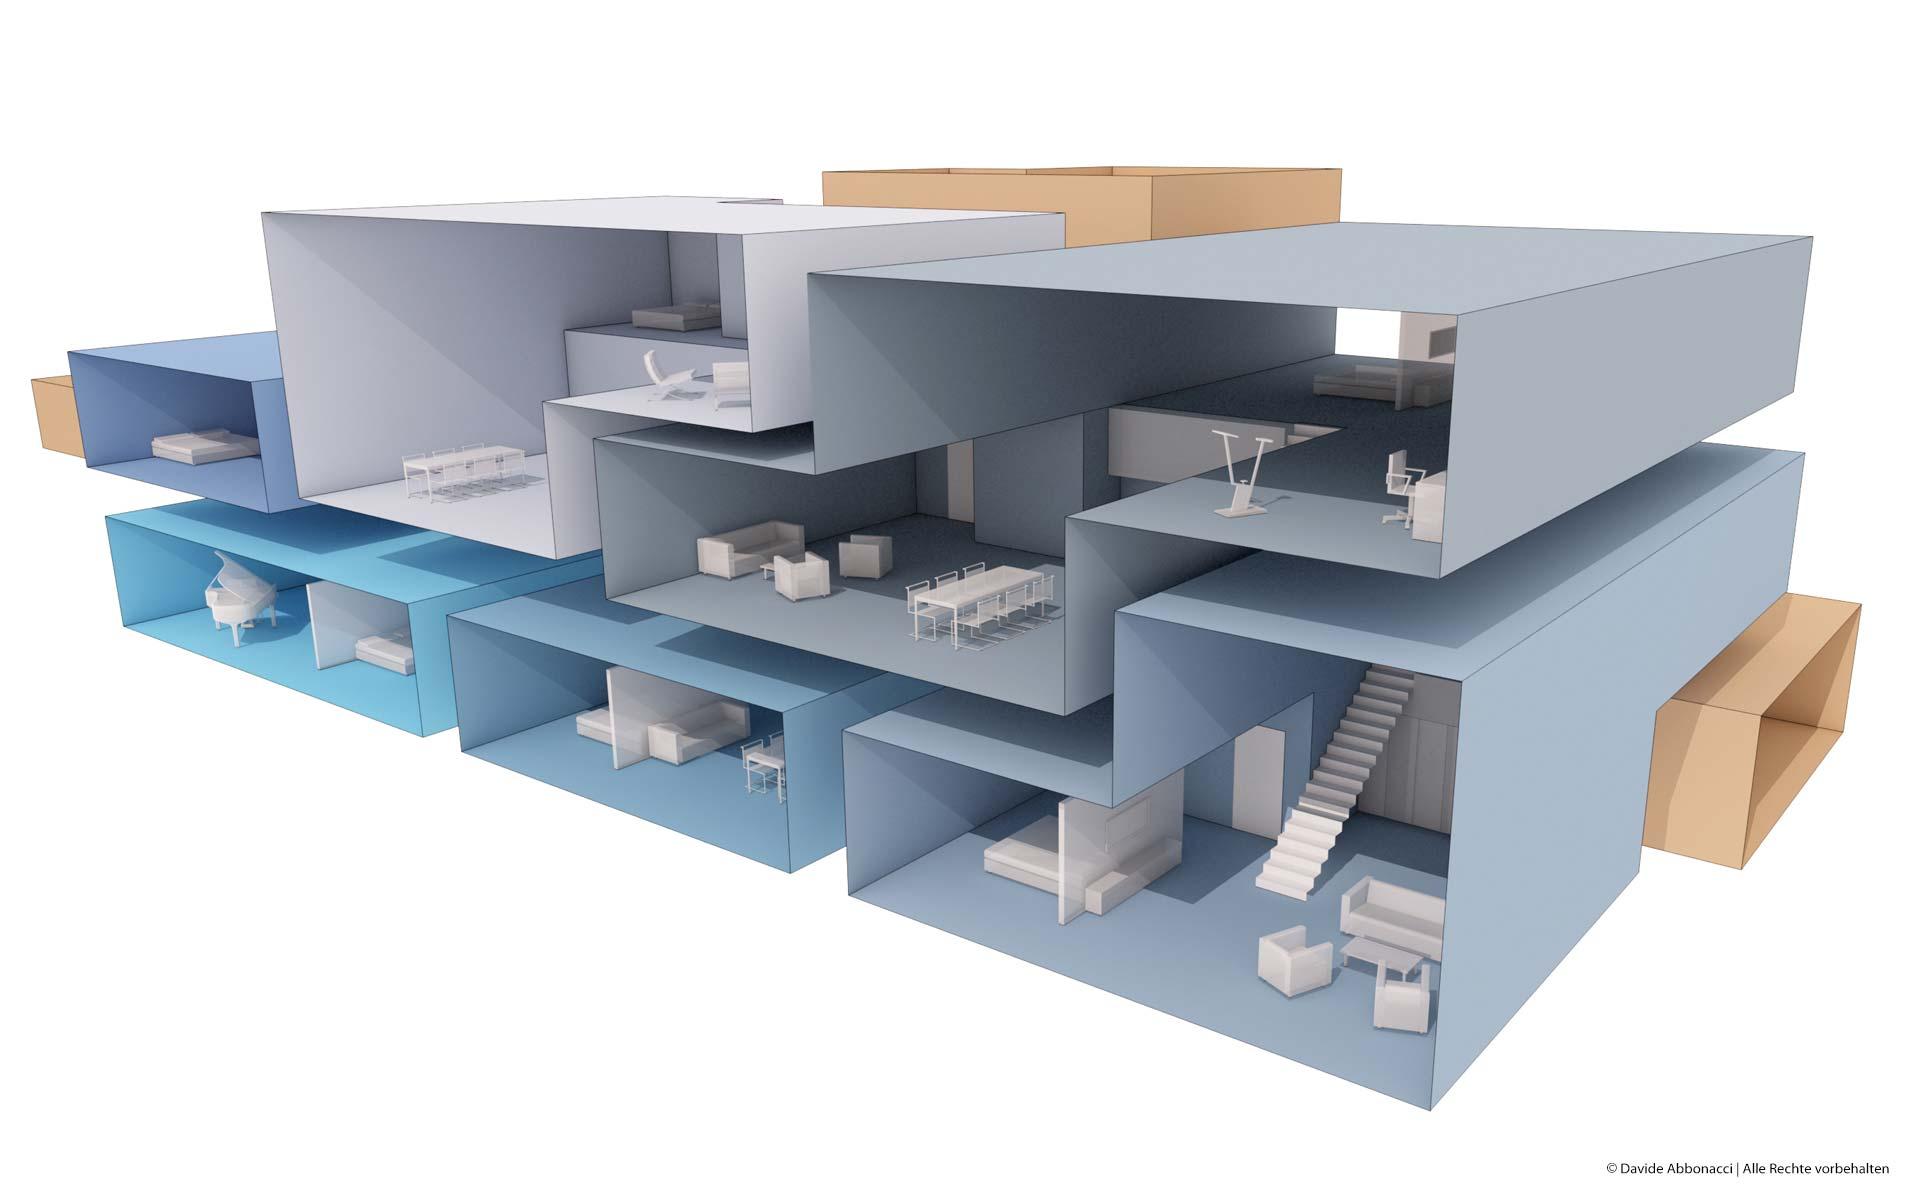 Speicherstadt Hamburg   Christine Edmaier Architektin   2012 Wettbewerbsvisualisierung   Anerkennung